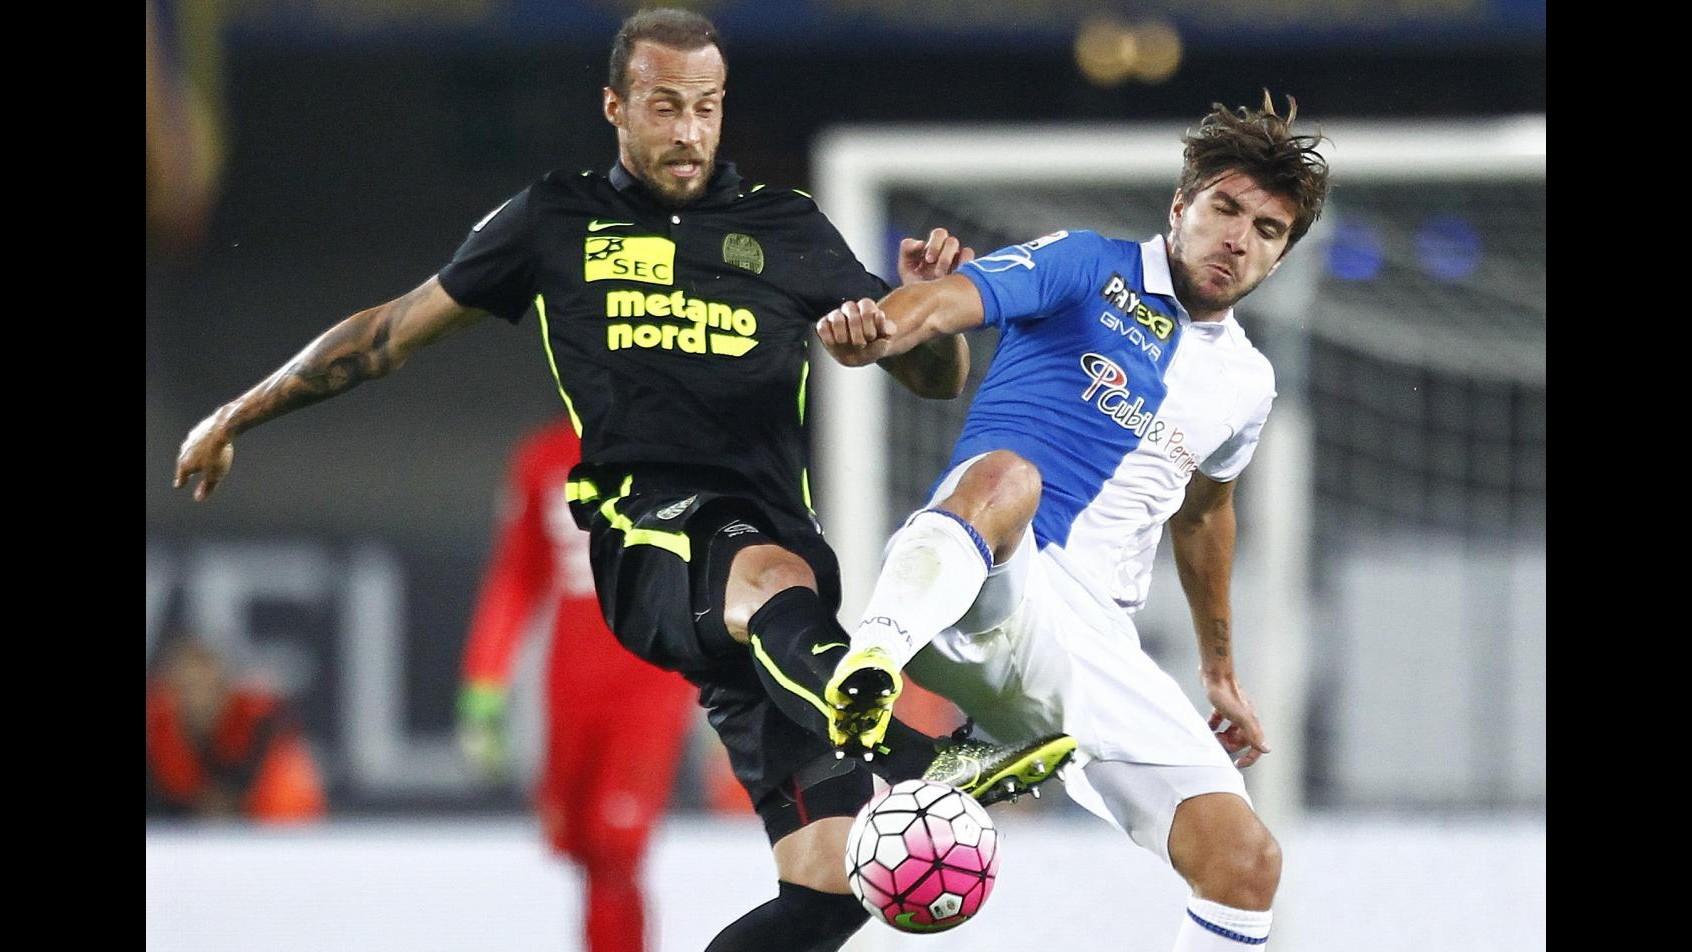 Serie A: Castro replica a Pisano, tra Chievo e Verona finisce 1-1